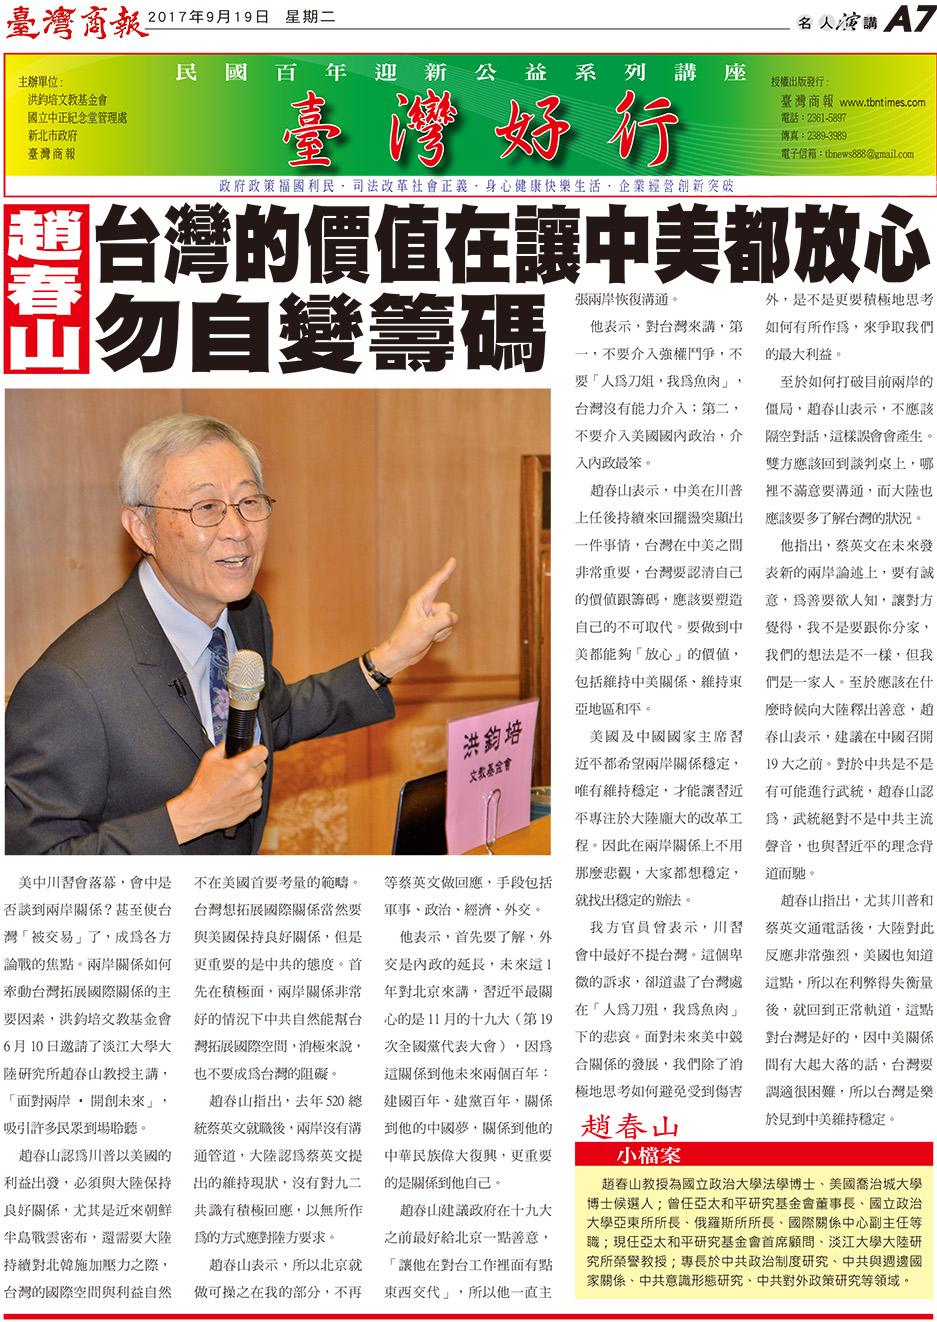 趙春山:台灣的價值在讓中美都放心 勿自變籌碼